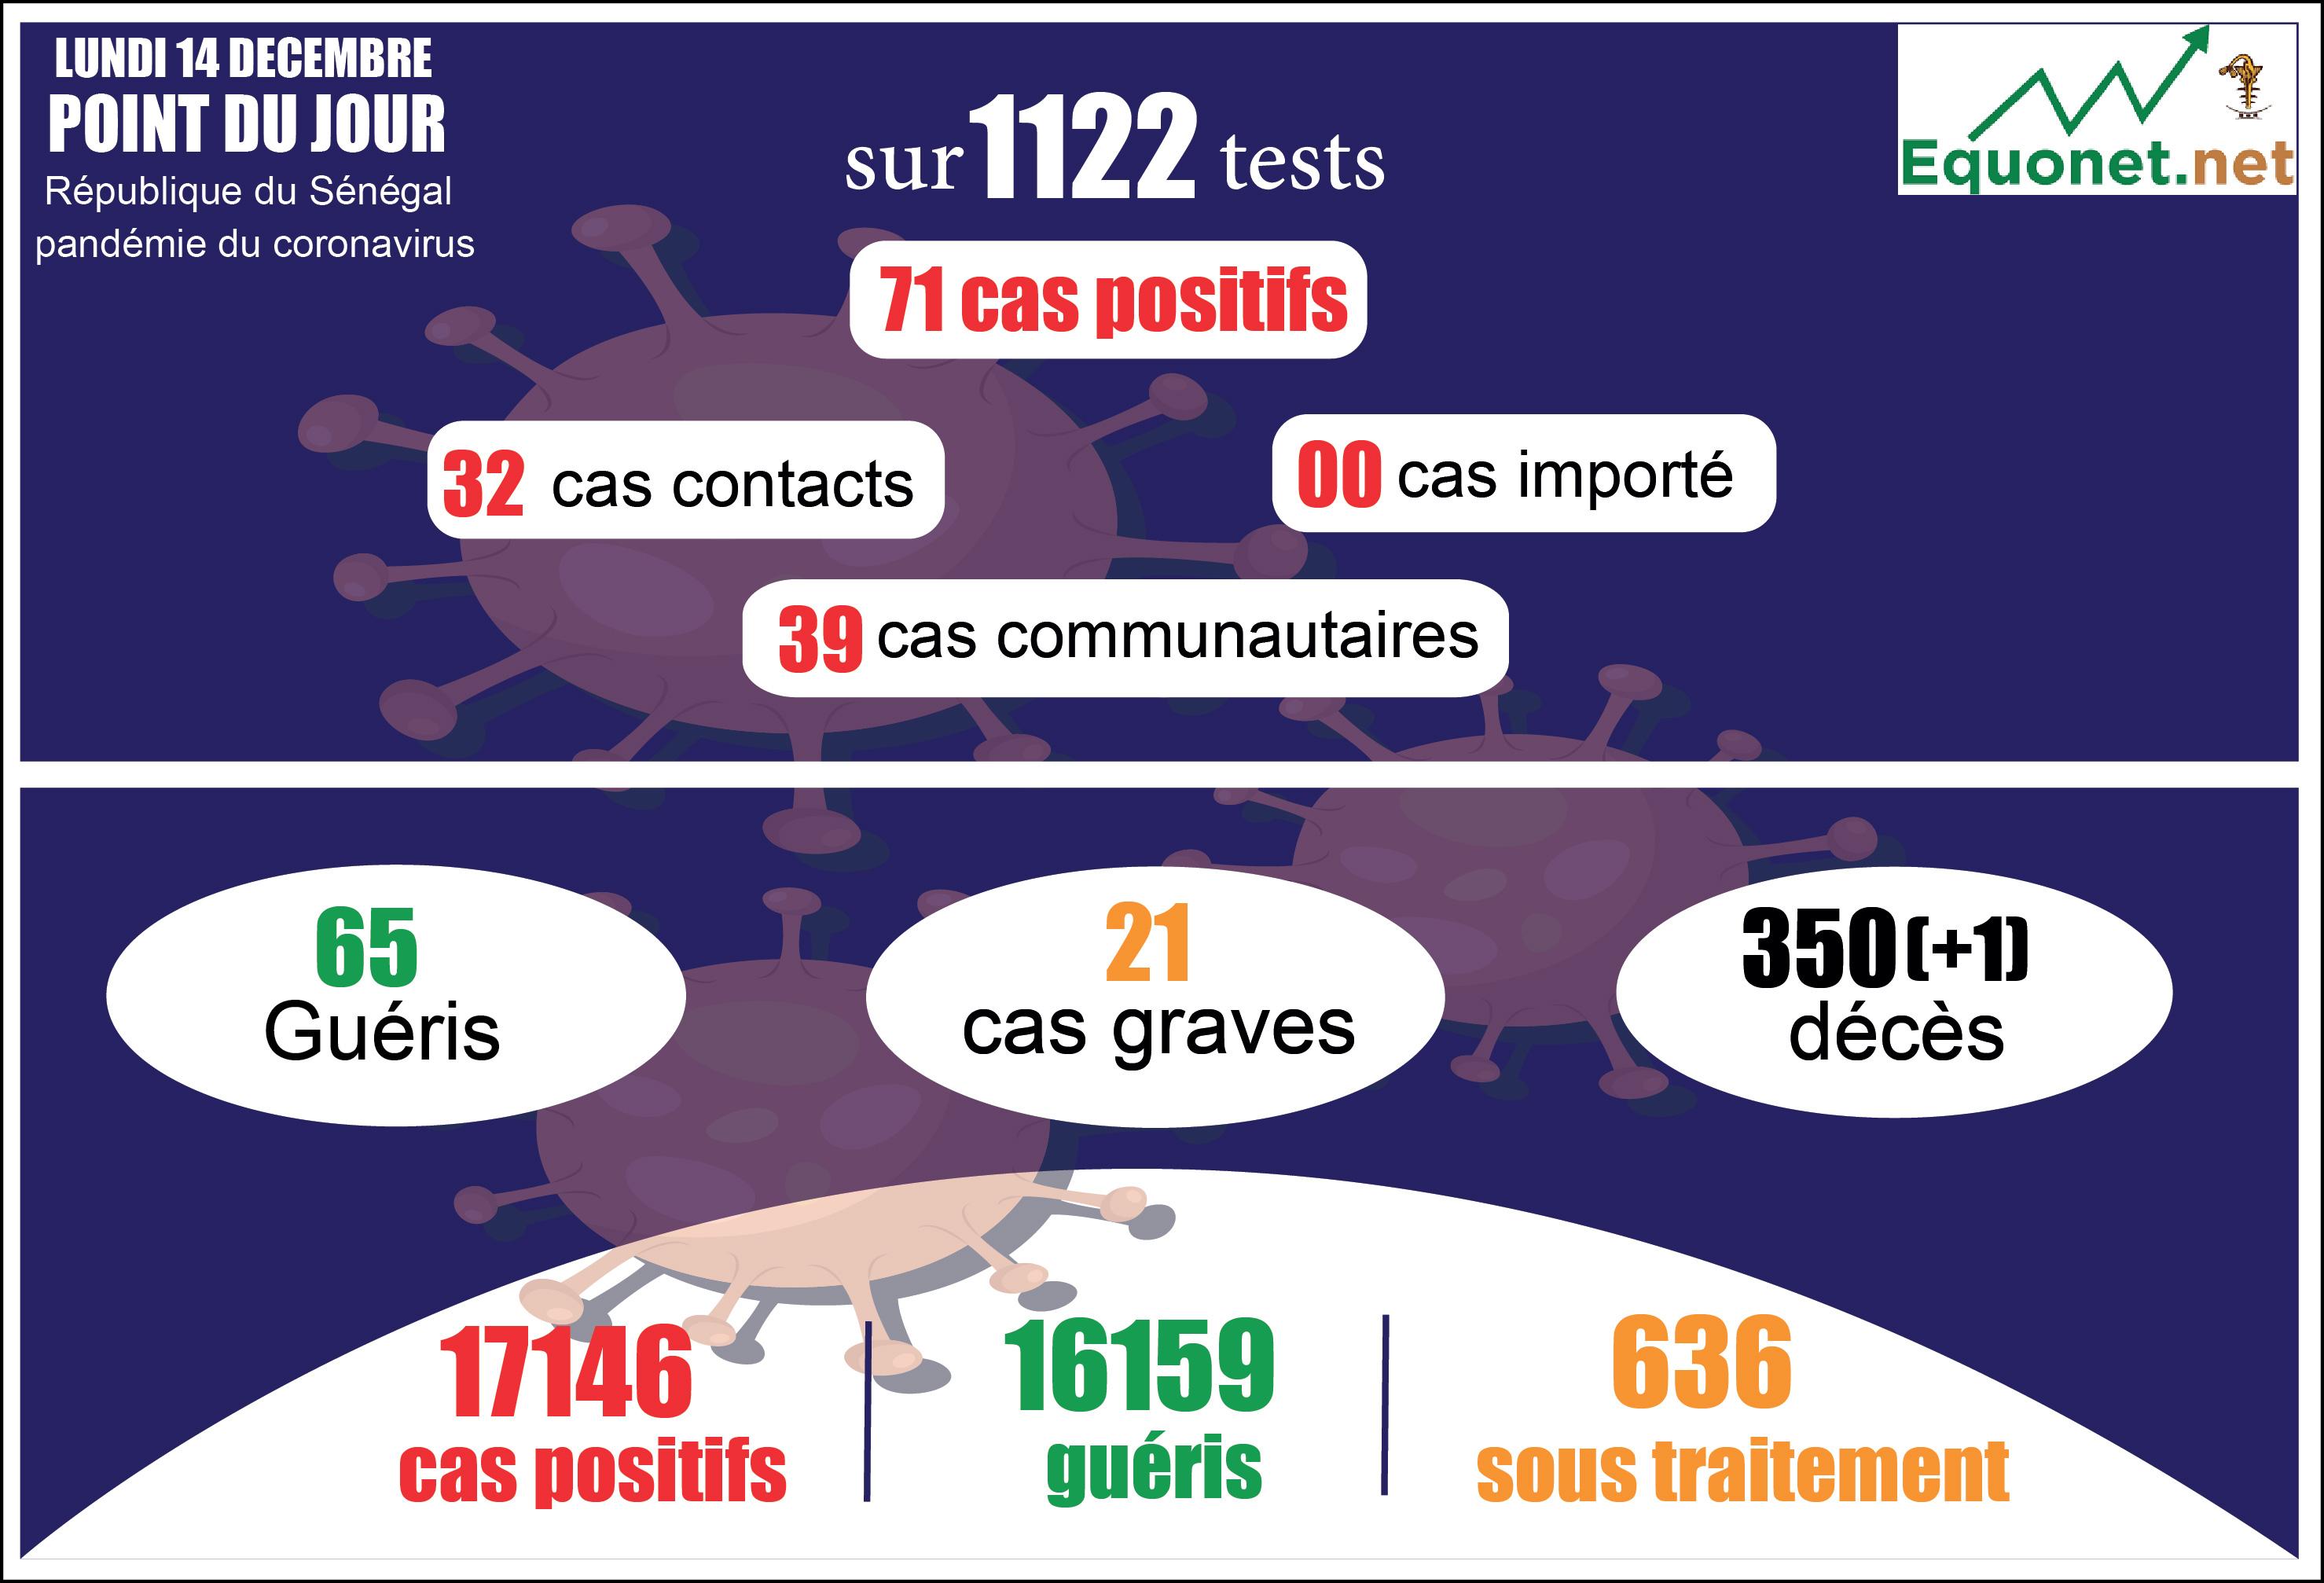 pandémie du coronavirus-covid-19 au sénégal : 39 cas communautaires ont été enregistrés ce lundi 14 décembre 2020